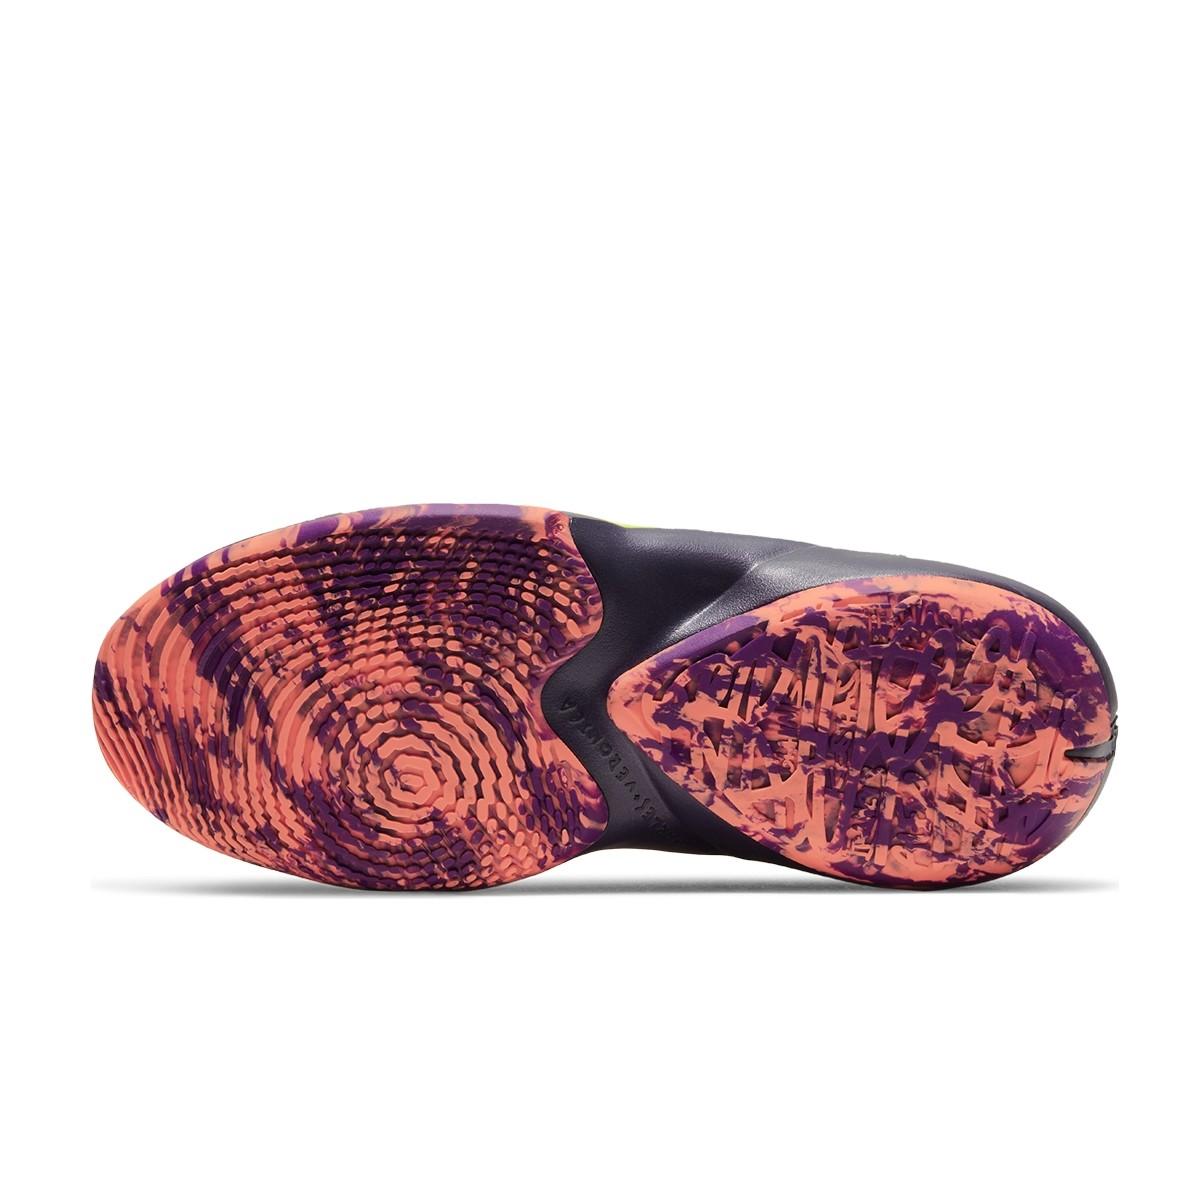 Nike Zoom Freak 2 Jr 'Bright Mango'-CZ4177-800